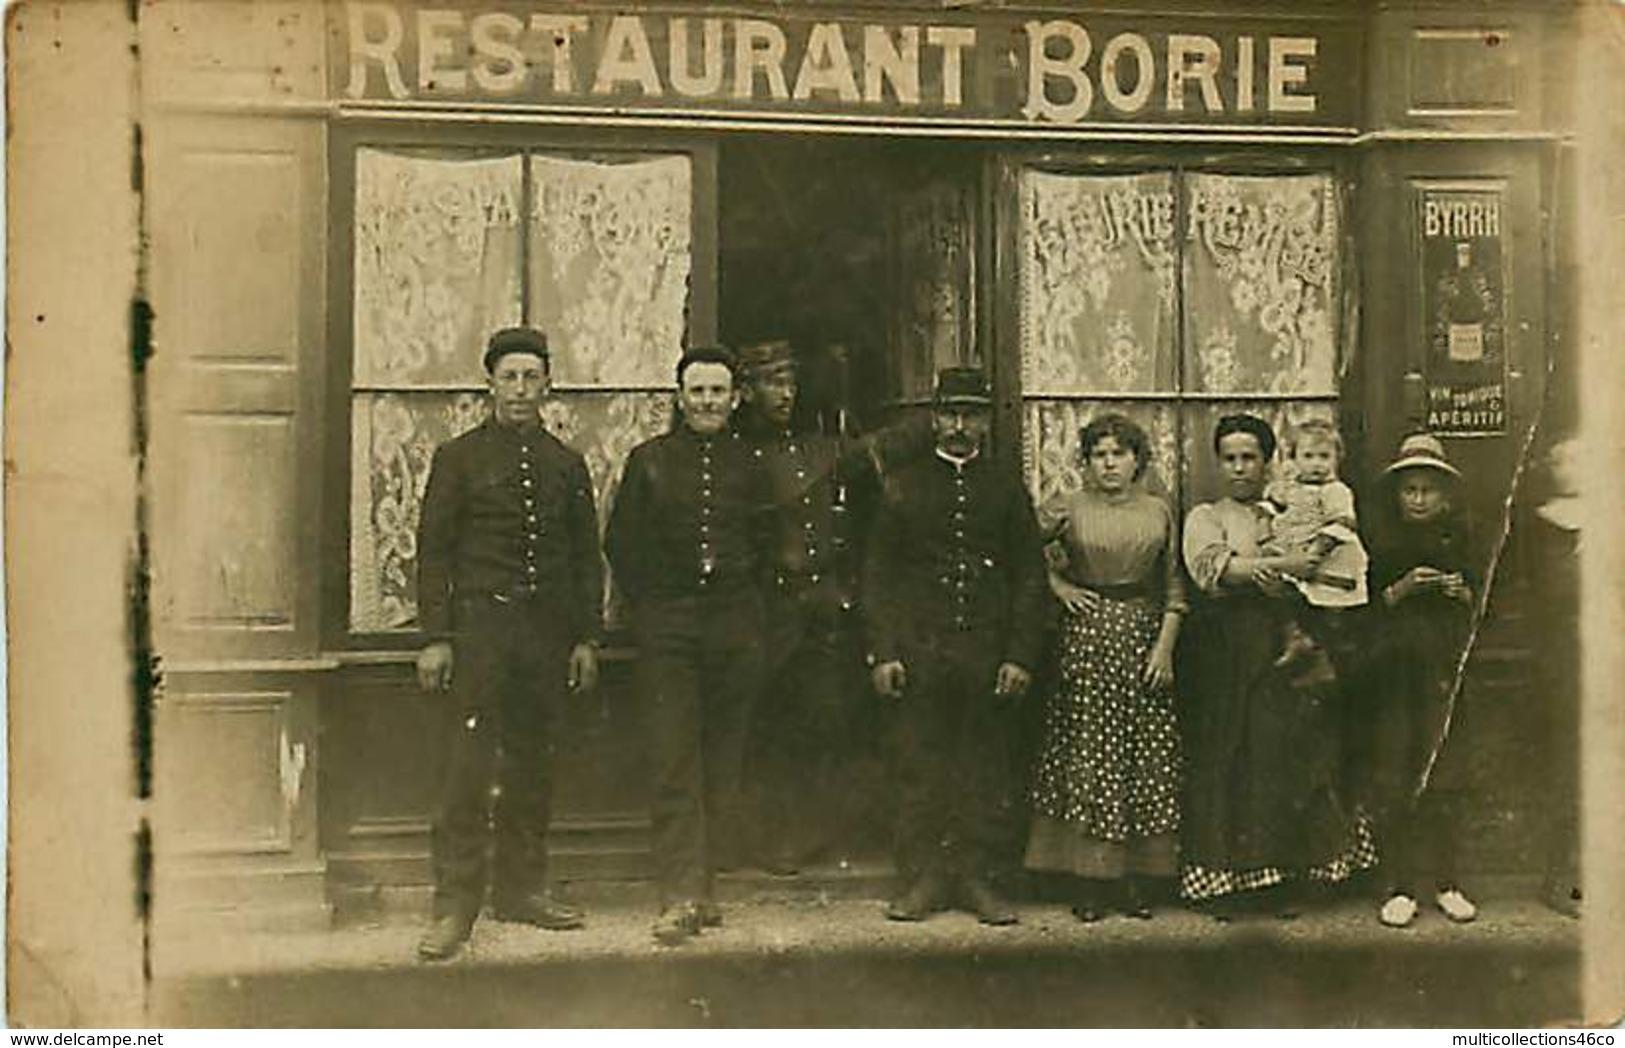 040220B - CARTE PHOTO COMMERCE DEVANTURE - 19 TULLE Restaurant BORIE Pub BYRRH Apéritif Vin Tonique - Tulle